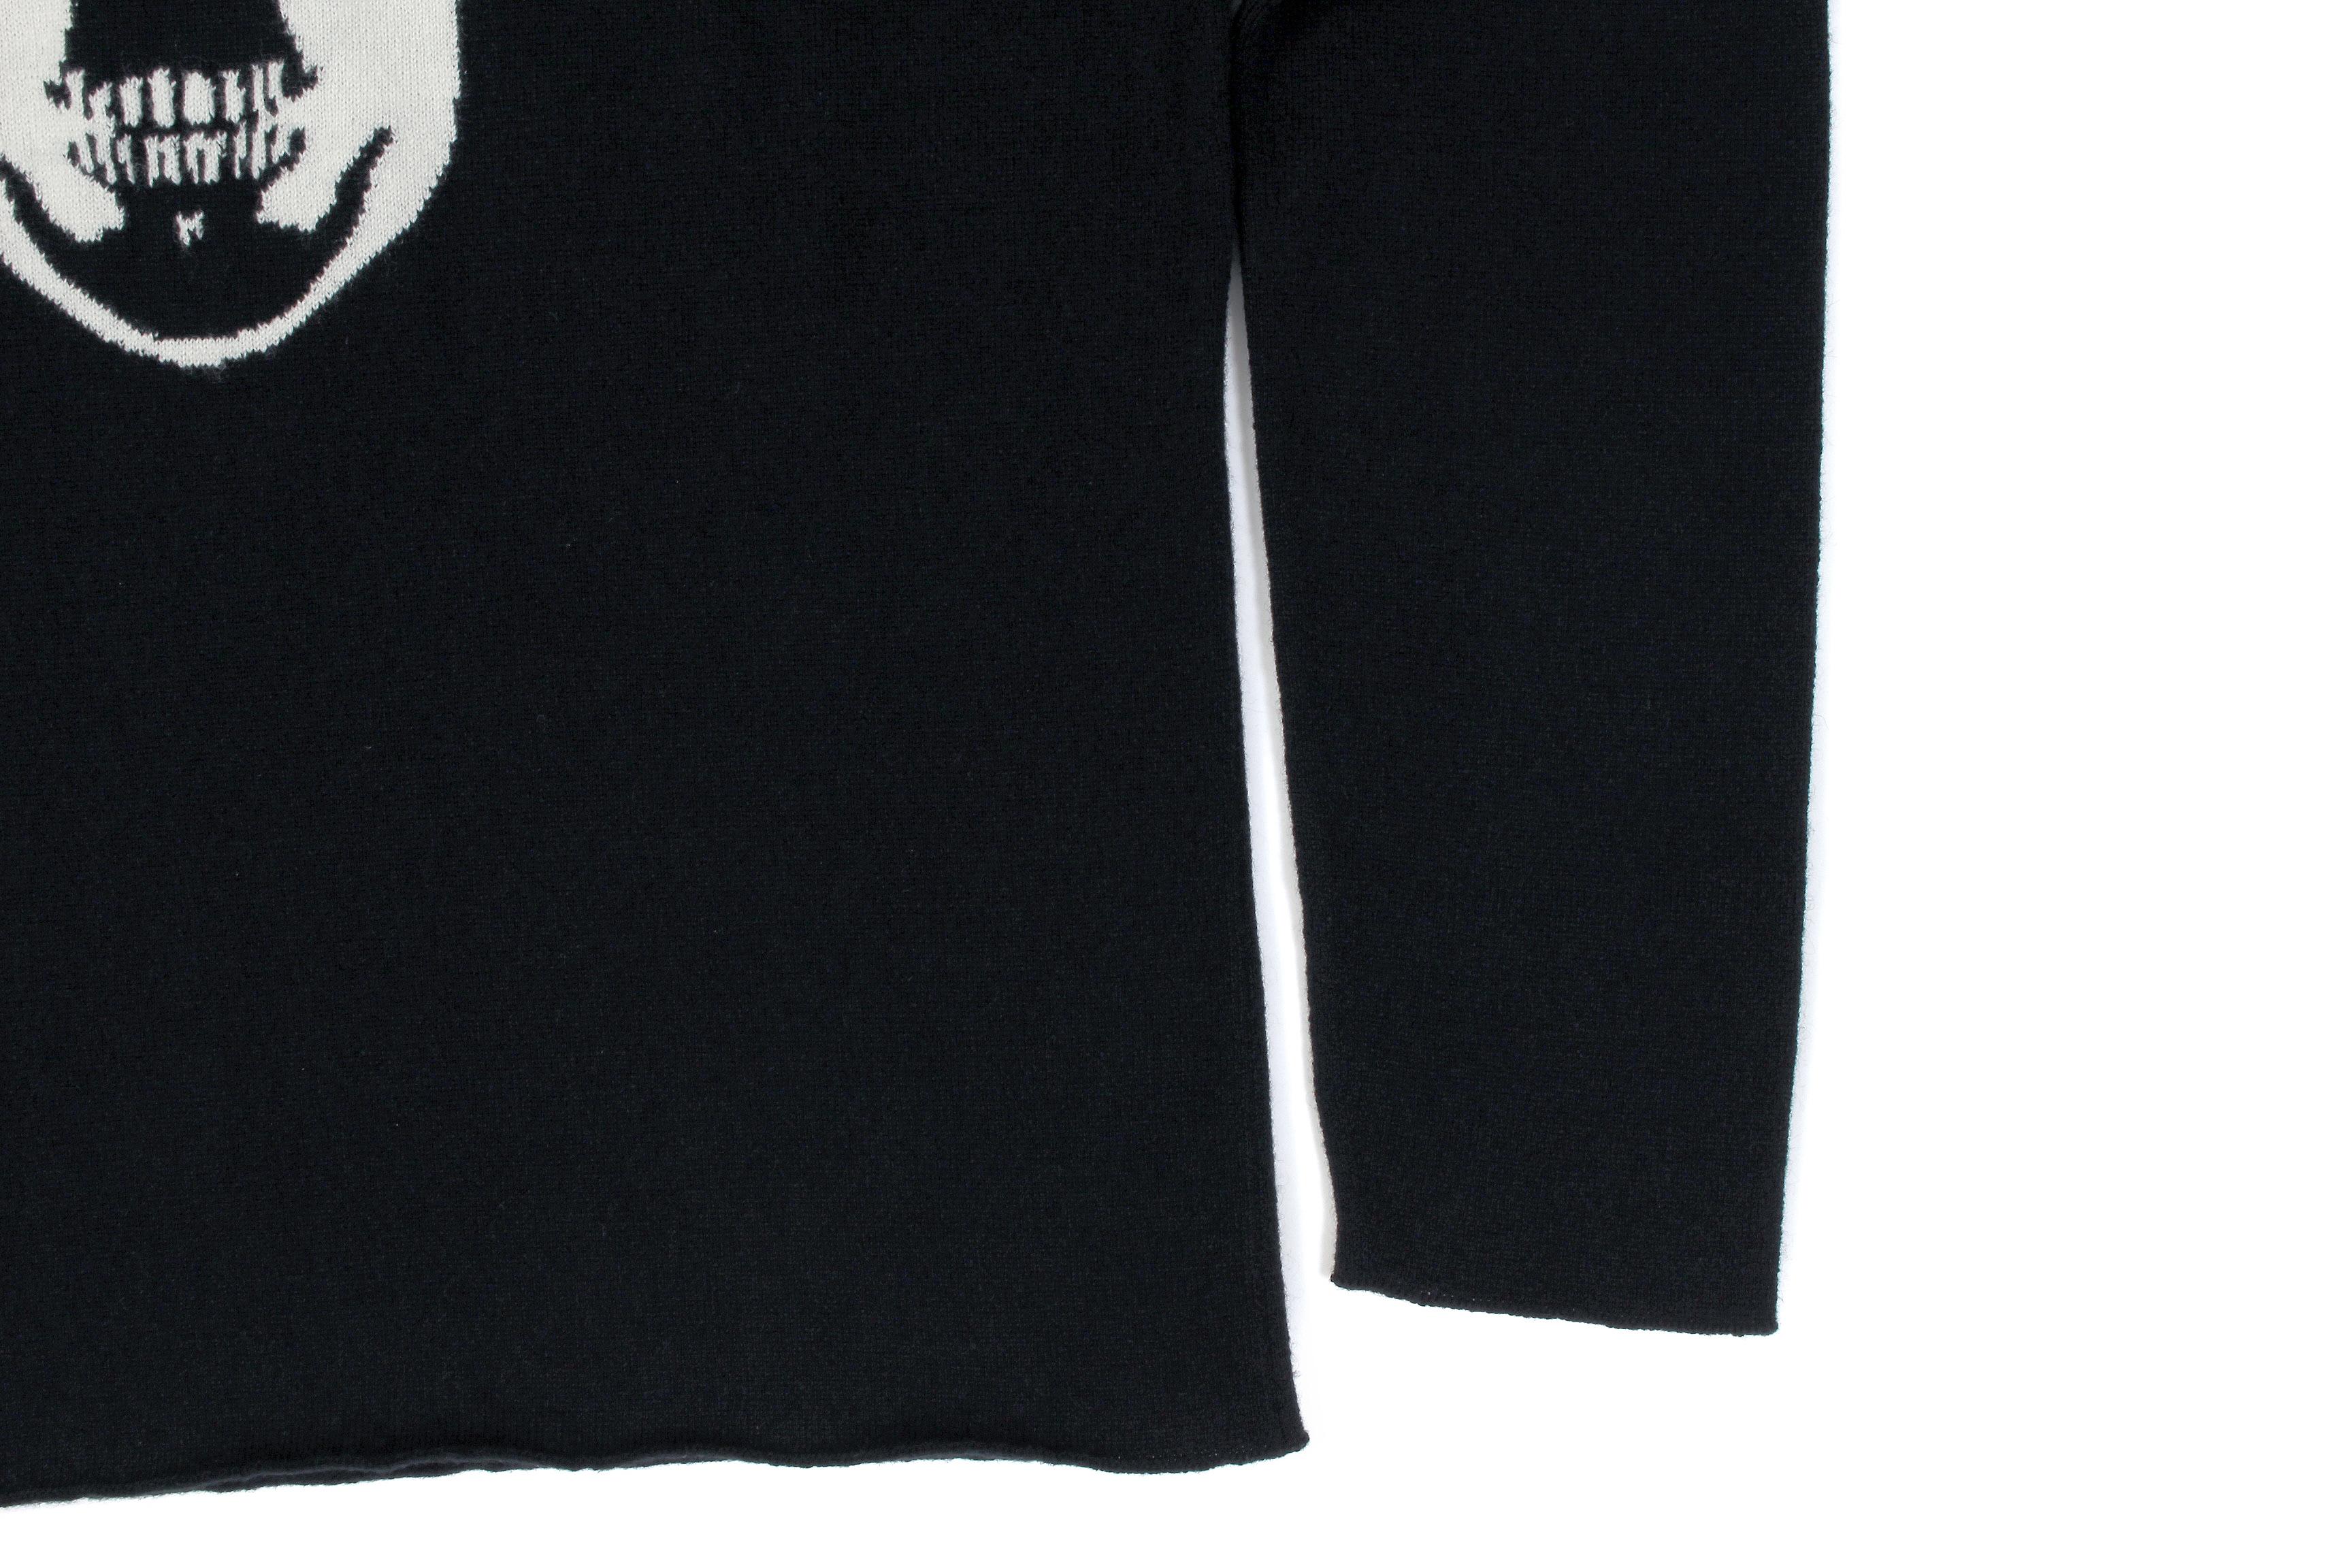 lucien pellat-finet (ルシアン ペラフィネ) Skull With Crystal Squat Cashmere Sweater (スカルクリスタル カシミア セーター) インターシャ カシミア スカル セーター BLACK × WHITE(ブラック×ホワイト) made in scotland (スコットランド製) 2020 秋冬新作 【Special Model】【入荷しました】【フリー分発売開始】Alto e Diritto altoediritto アルトエデリット 愛知 名古屋 カシミヤ カシミア